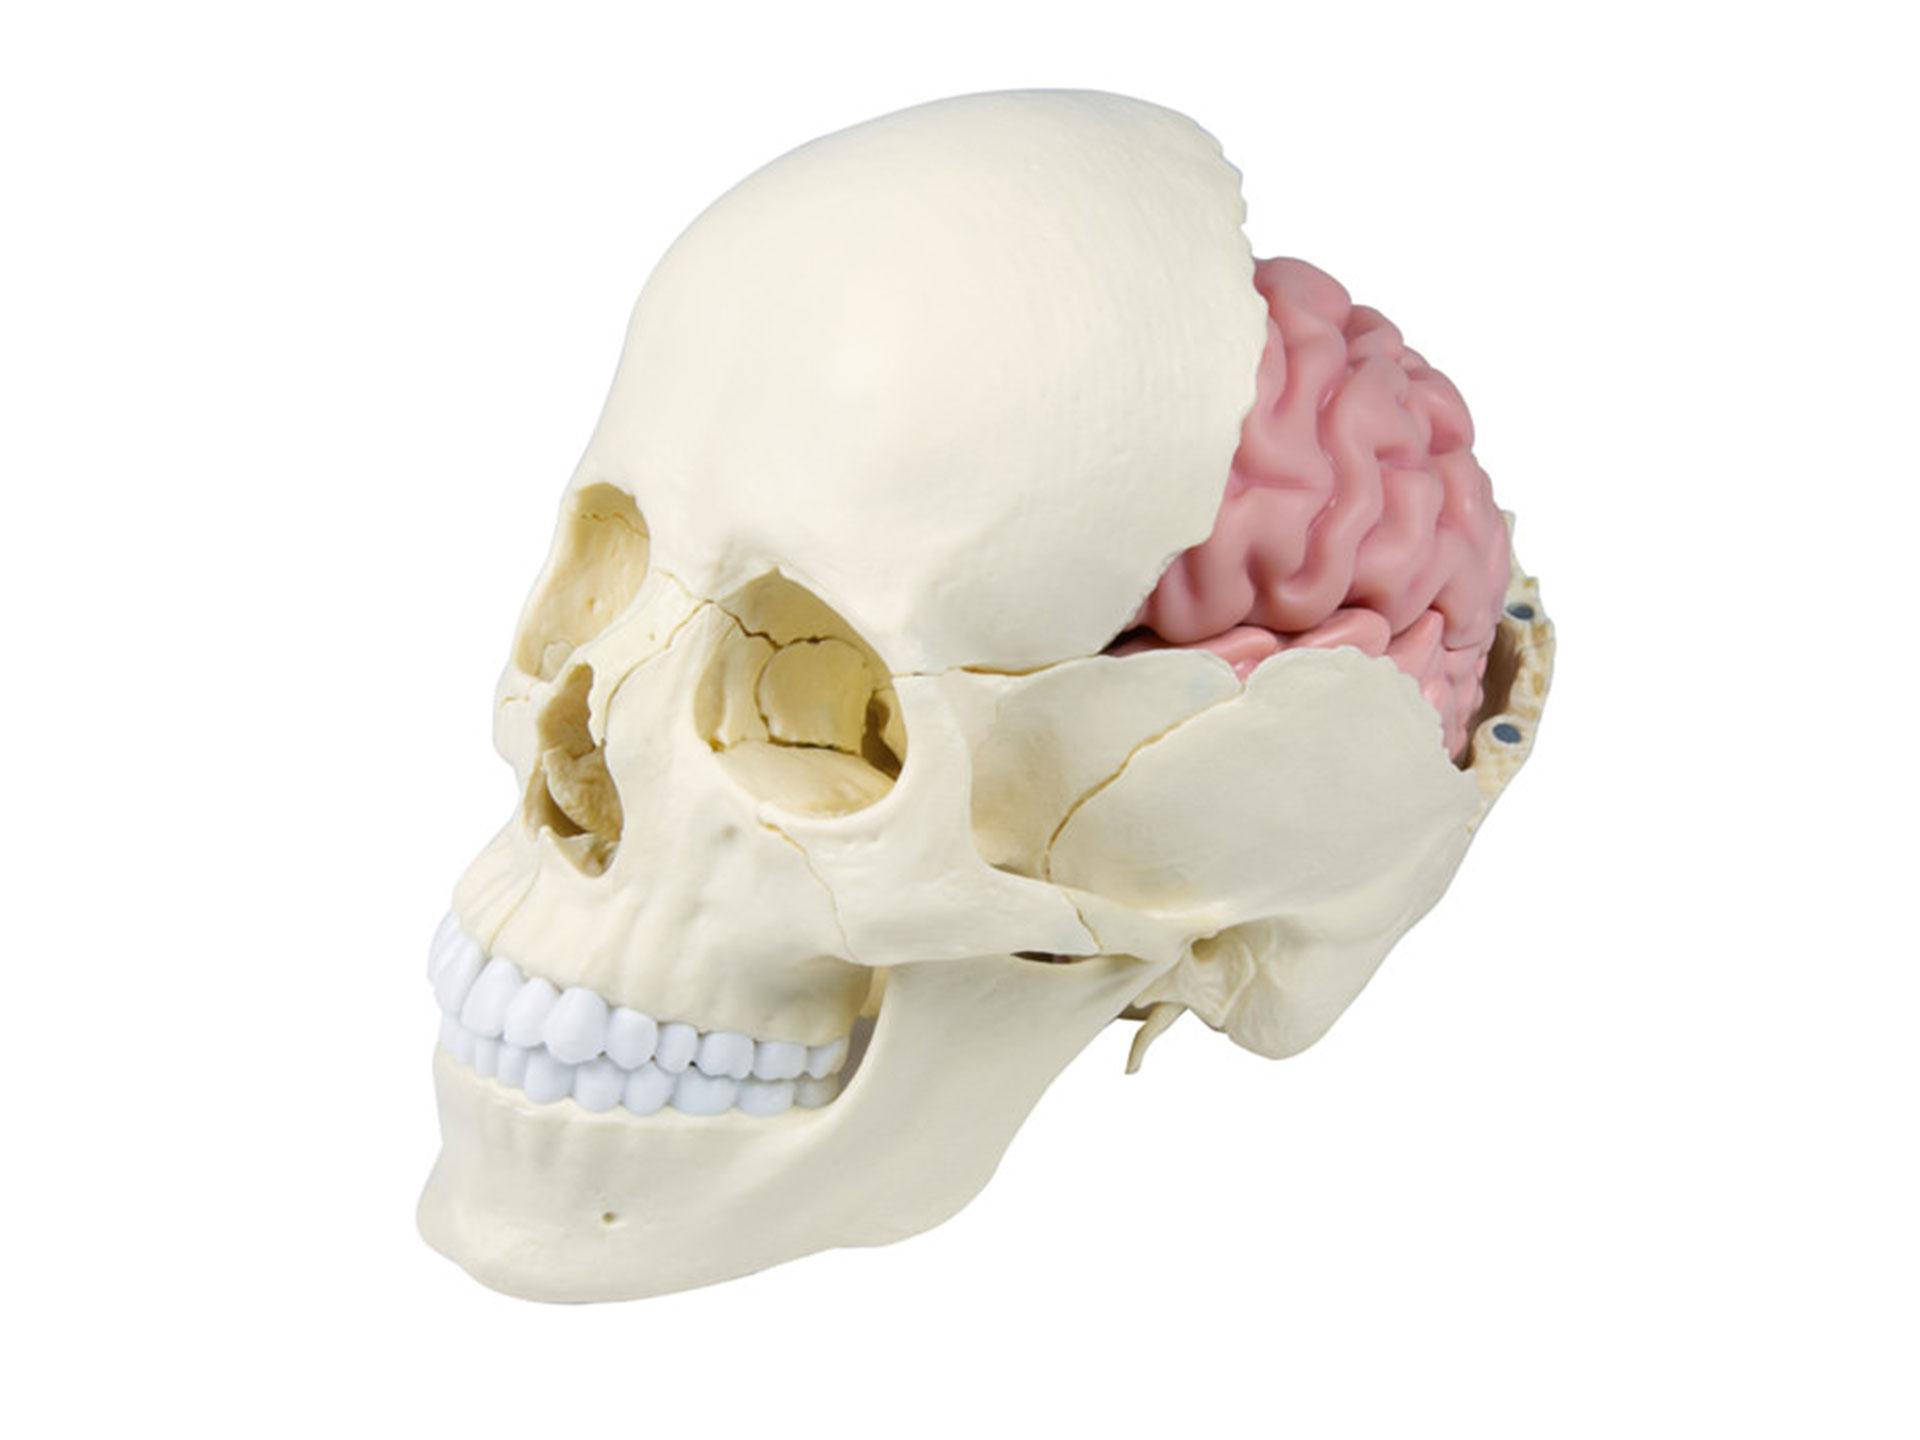 Osteopathie Schädelmodell, 22-teilig, anatomische Ausführung